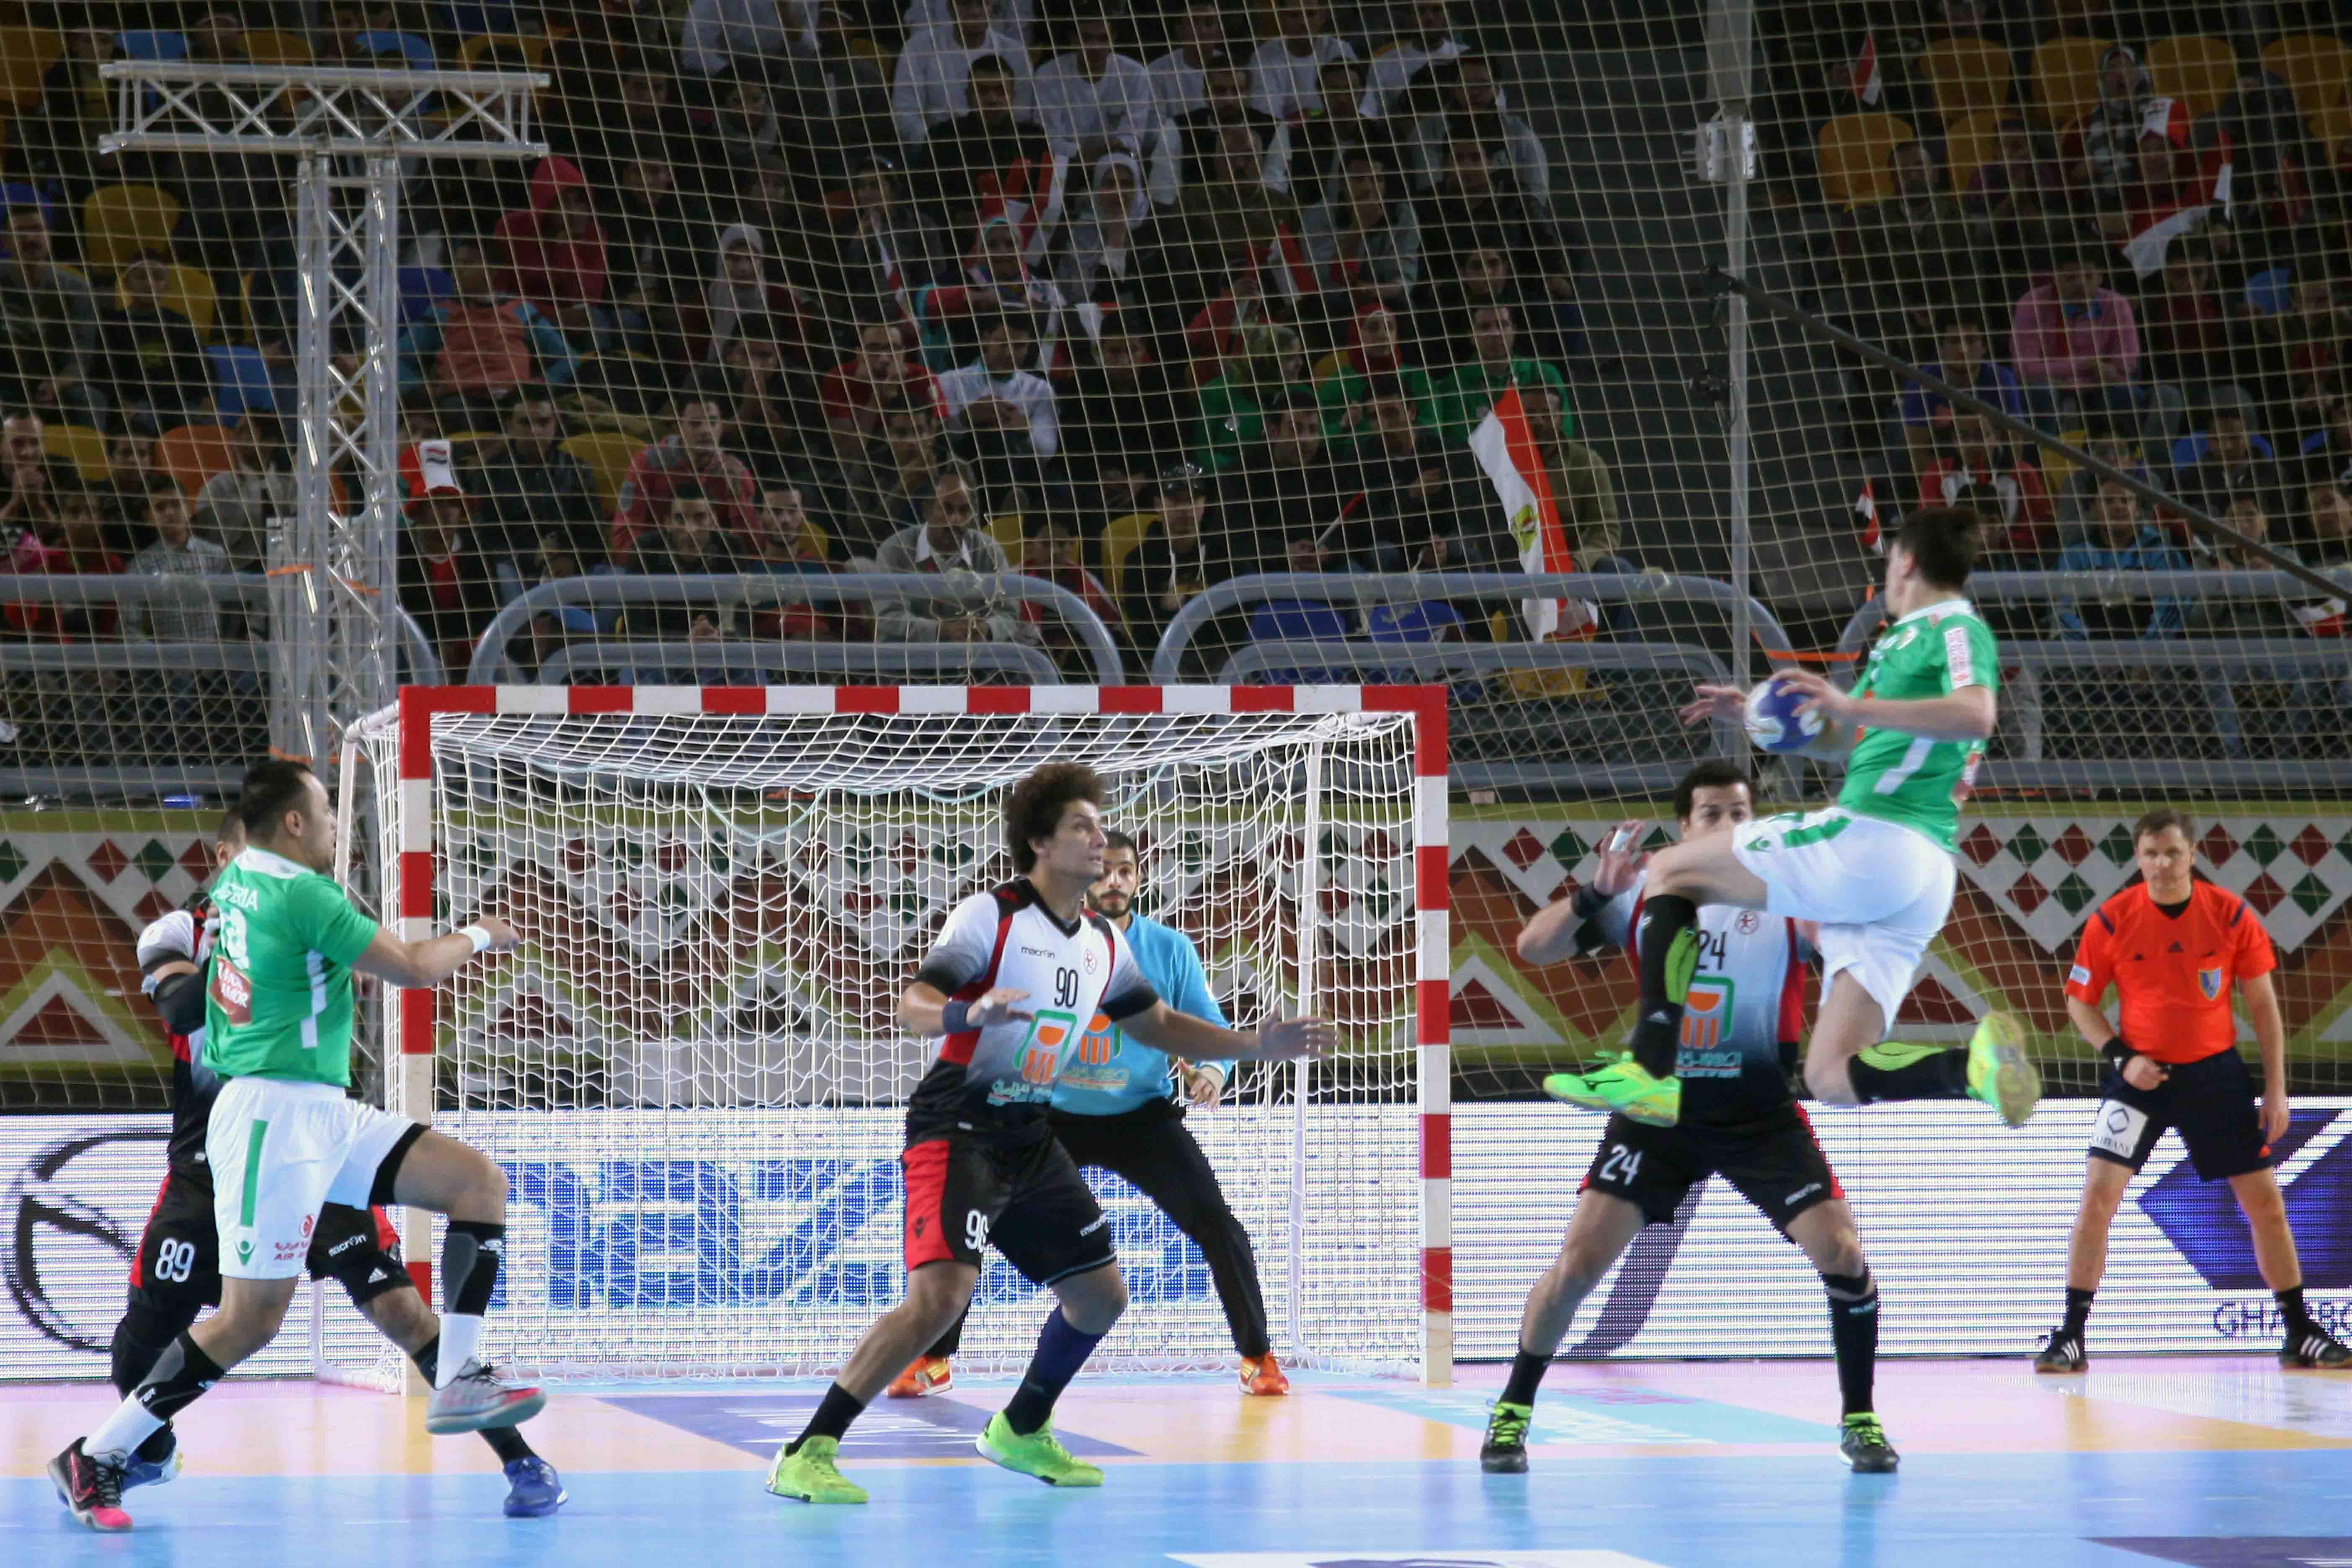 مصر تفوز على الكاميرون 30-20 في بطولة الأمم الأفريقية لكرة اليد